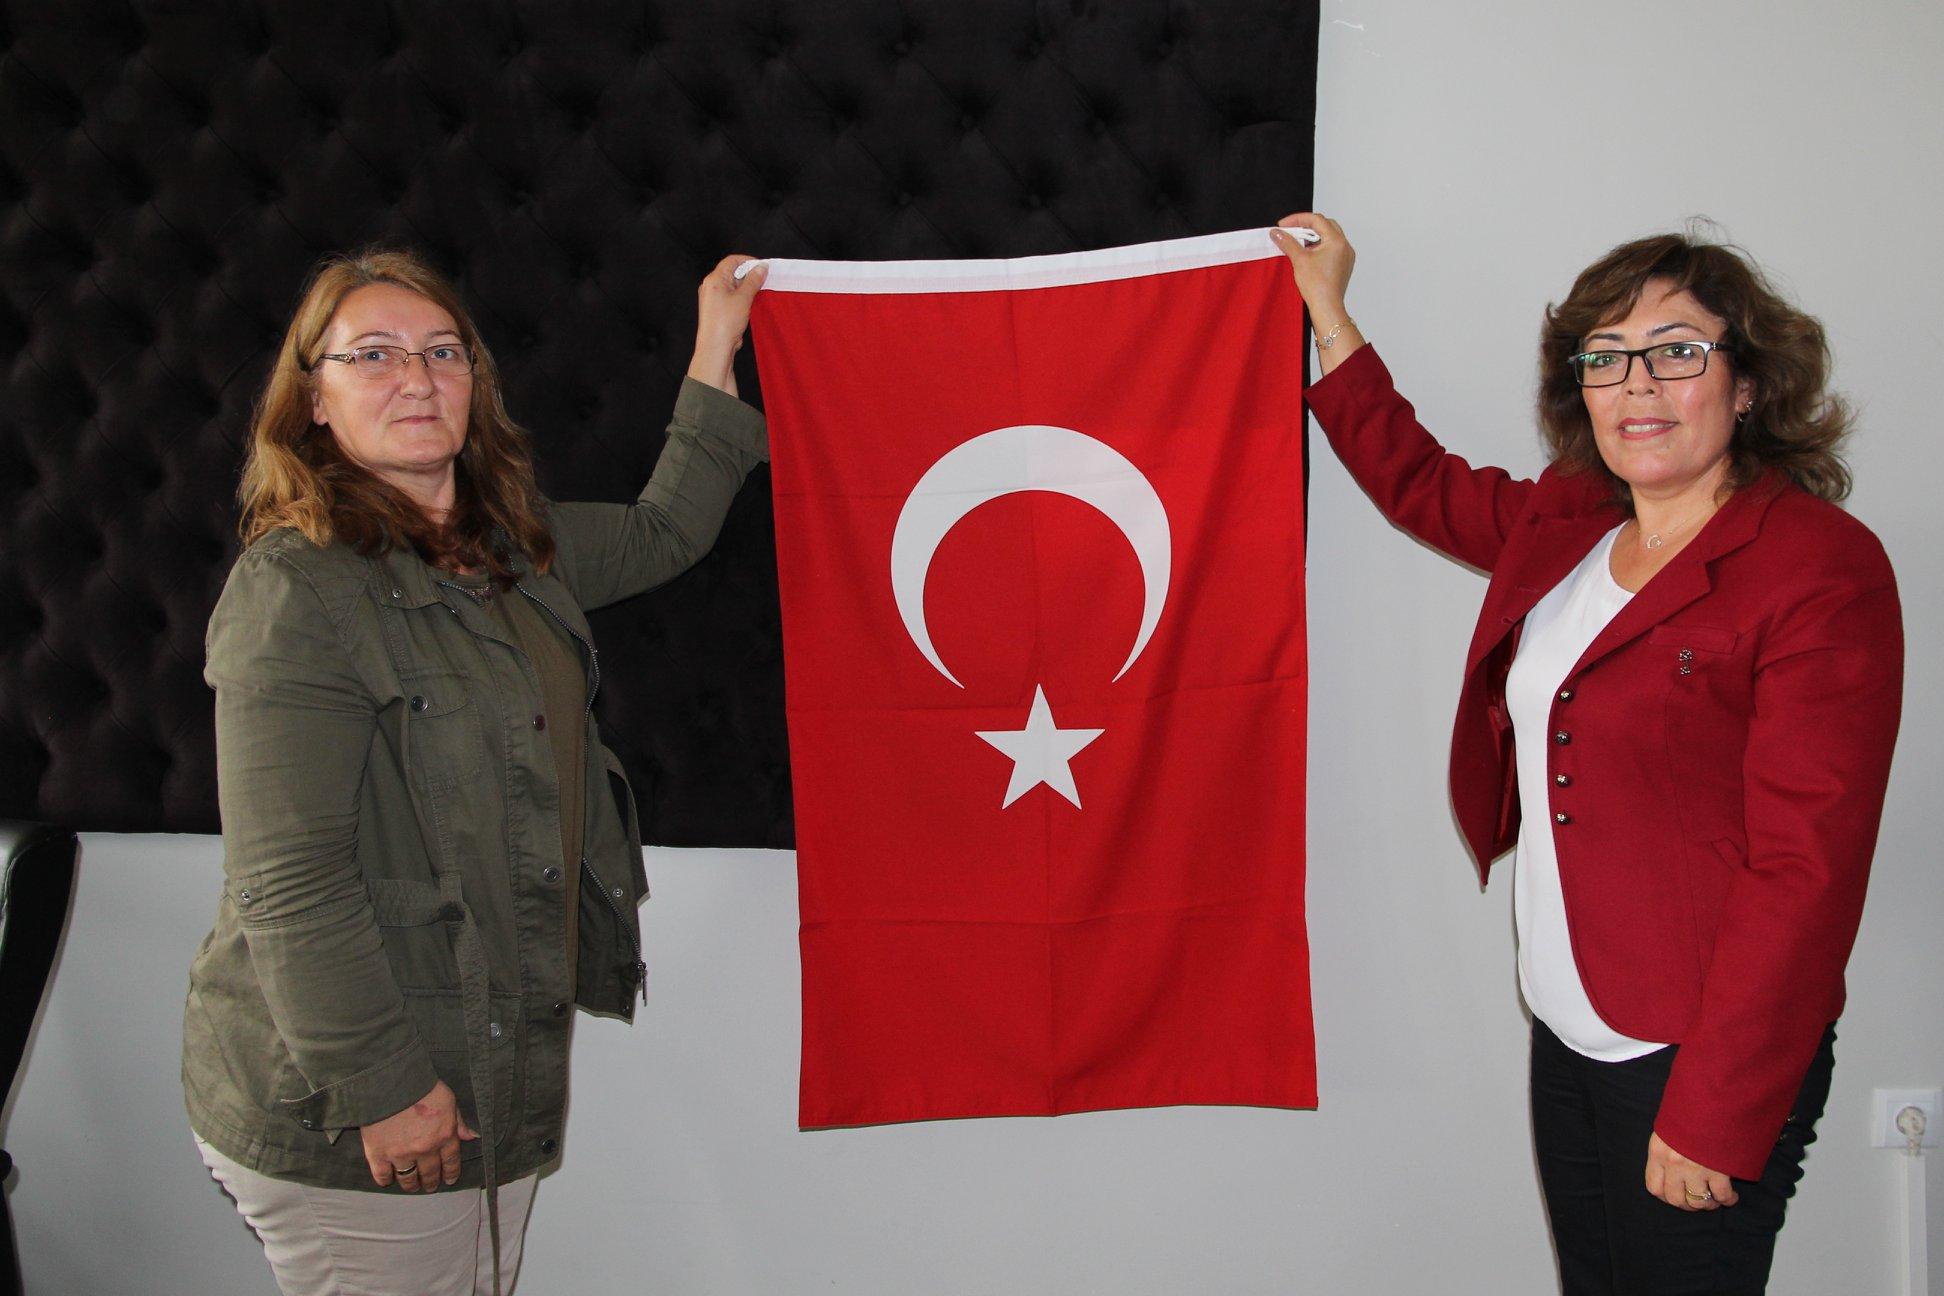 2019-2020 Öğretim yılının başlaması dolayısıyla Belediye Başkanı Abdulkadir Şahiner'in talimatlarıyla ilçede bulunan tüm okullara bayrak hediye edildi. | Sungurlu Haber